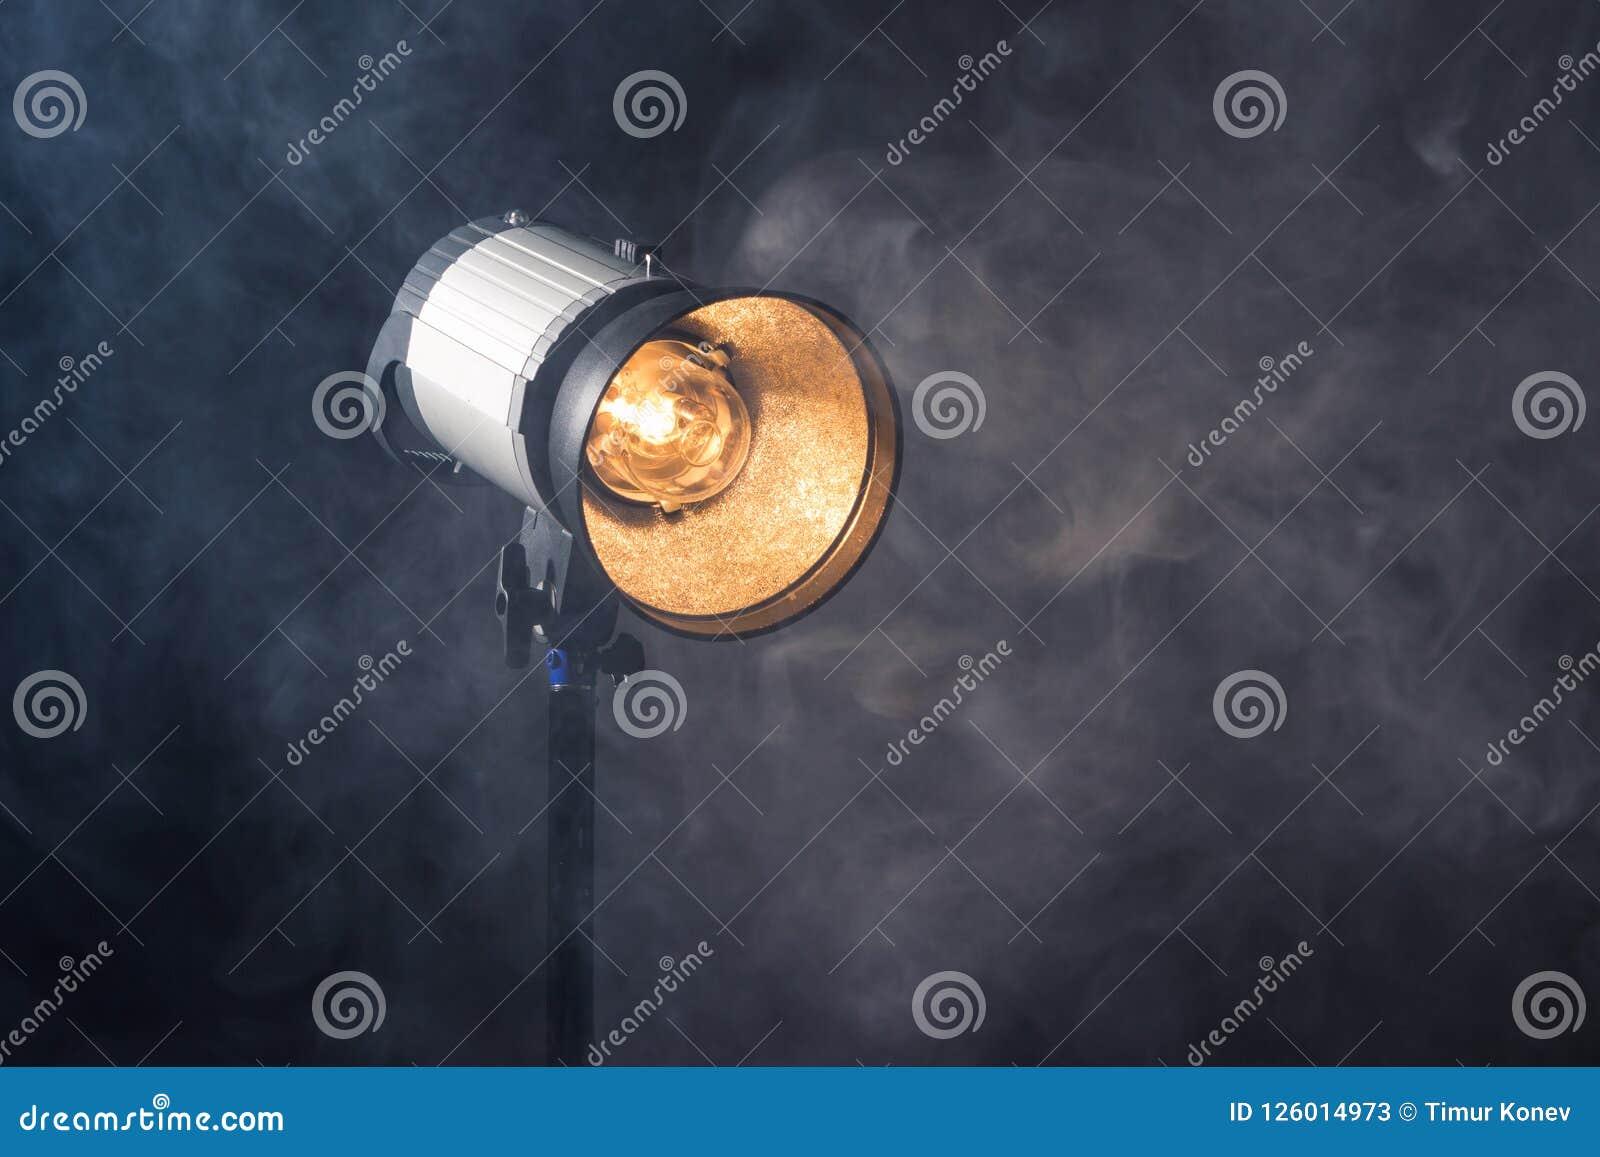 Κινηματογράφηση σε πρώτο πλάνο ενός επαγγελματικού προσαρτήματος φωτισμού σε ένα σύνολο ή ένα photogra